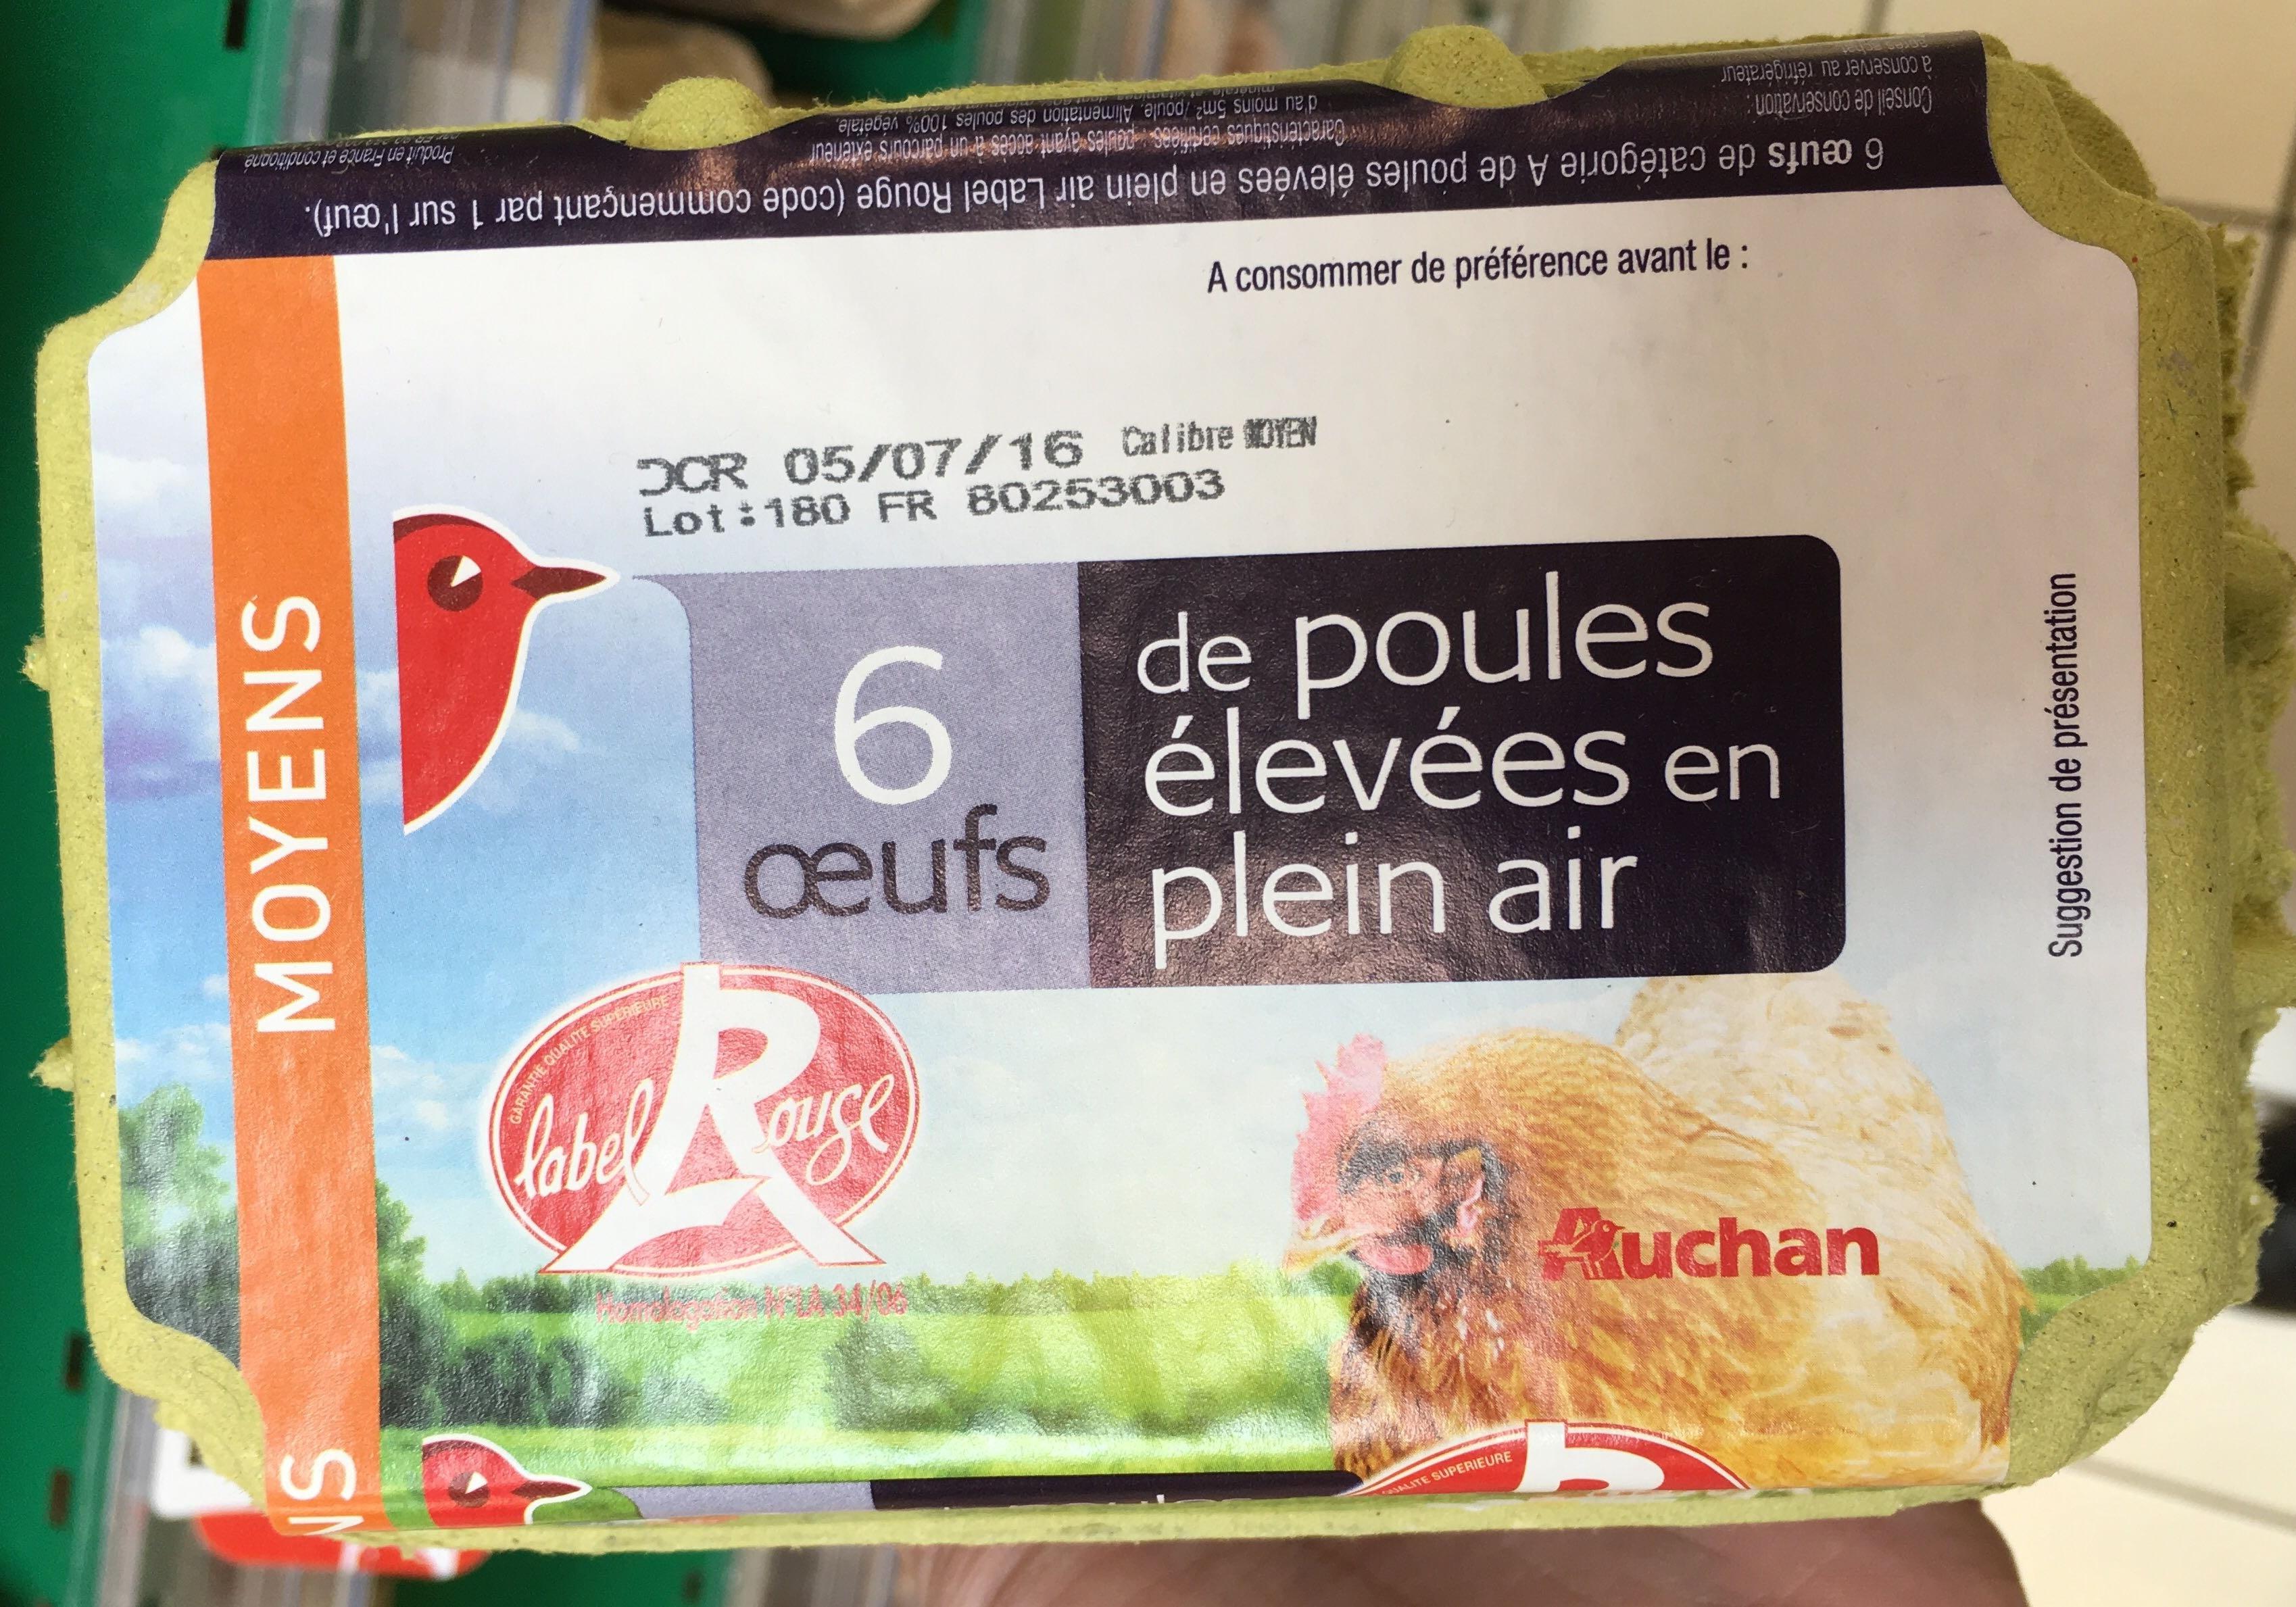 6 oeufs de poules élevées en plein air Moyens Label Rouge - Product